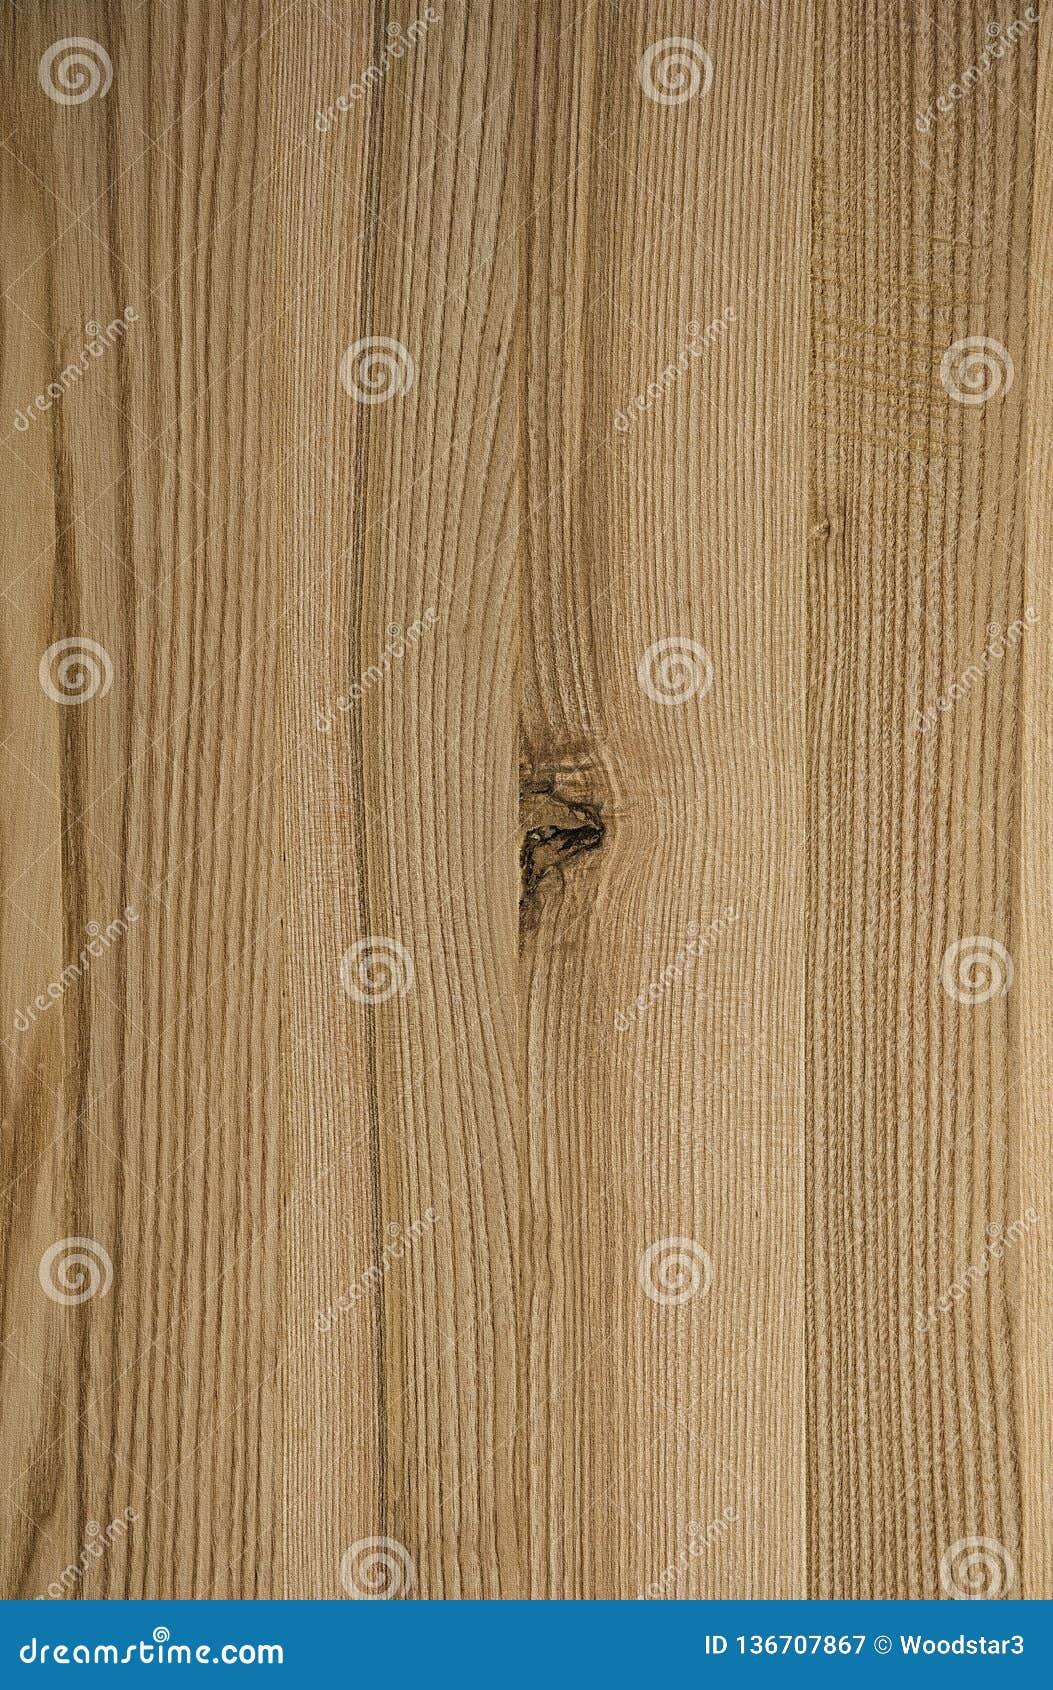 La textura de la madera El fondo es rosáceo T